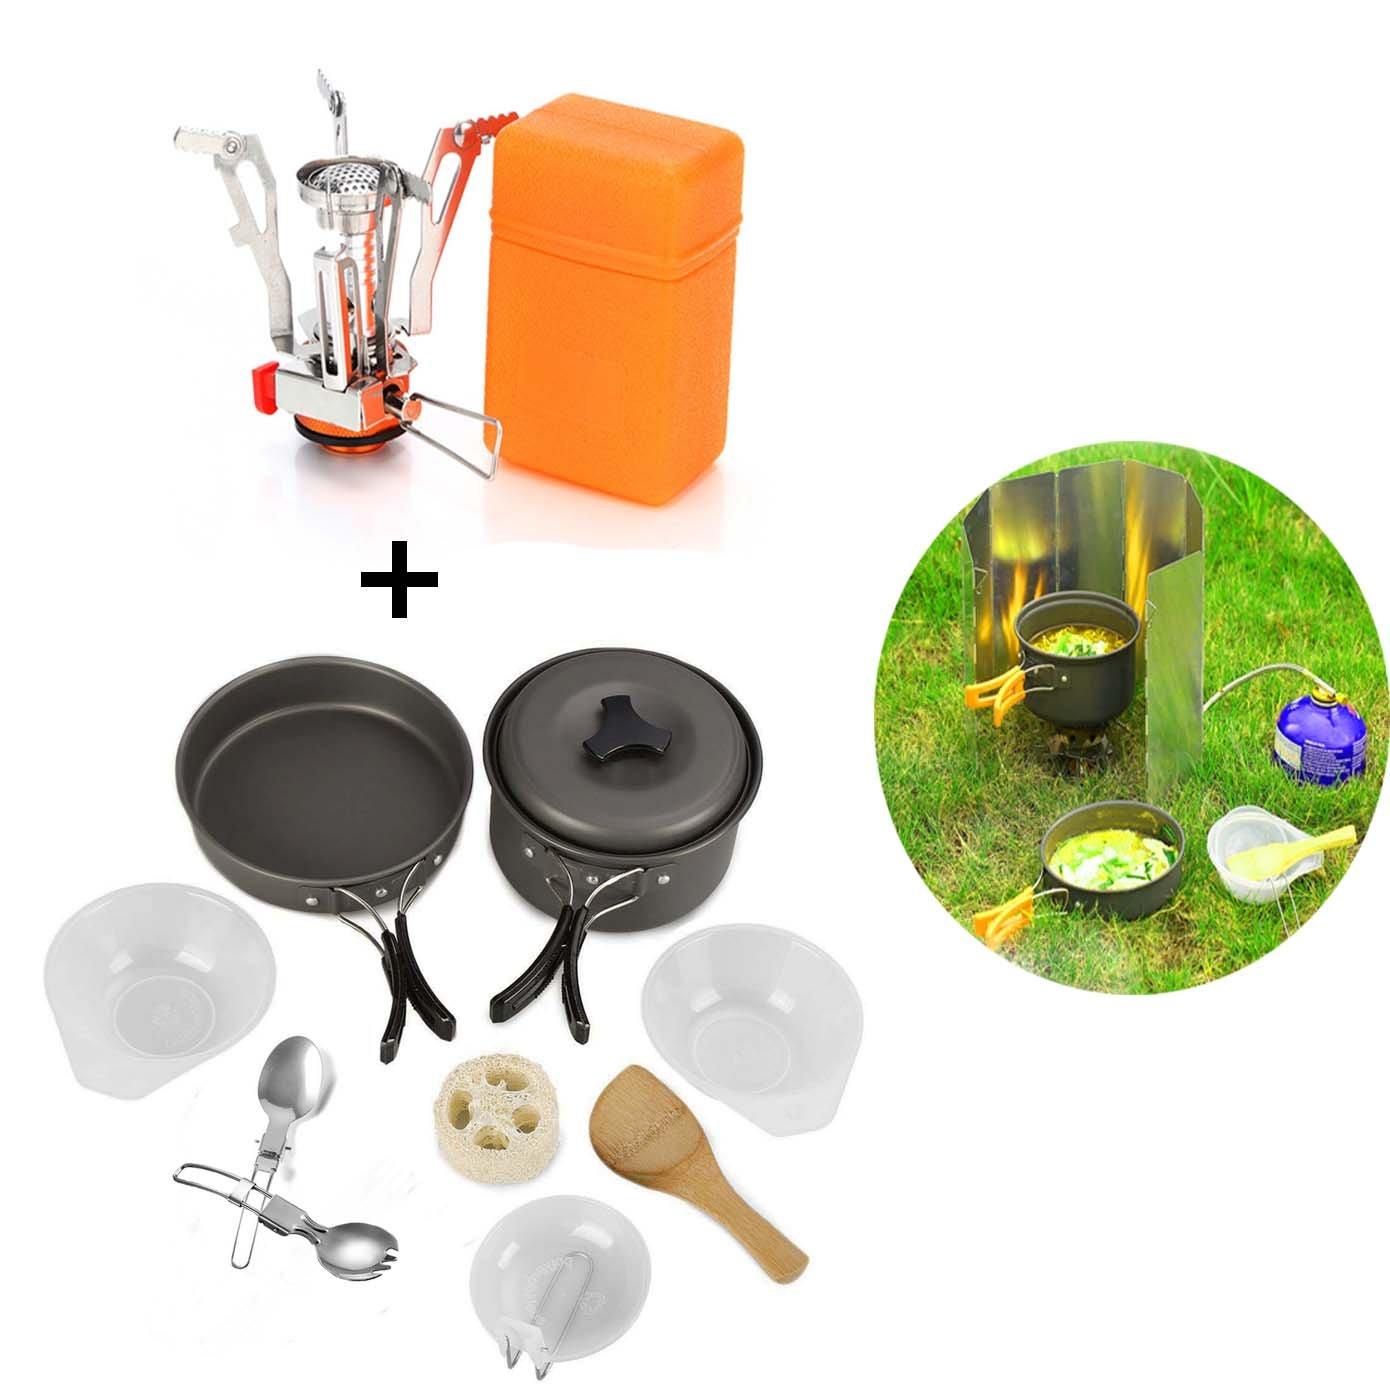 キャンプ調理器具バックパッキングMessキットステンレススチールギア& Hiking Outdoorsバグアウトバッグ調理機器11 Piece Cookset & # xff0 C、軽量、コンパクト、&耐久性ポットパンボウル B077N9CGF9  Camping Set(As Picture)